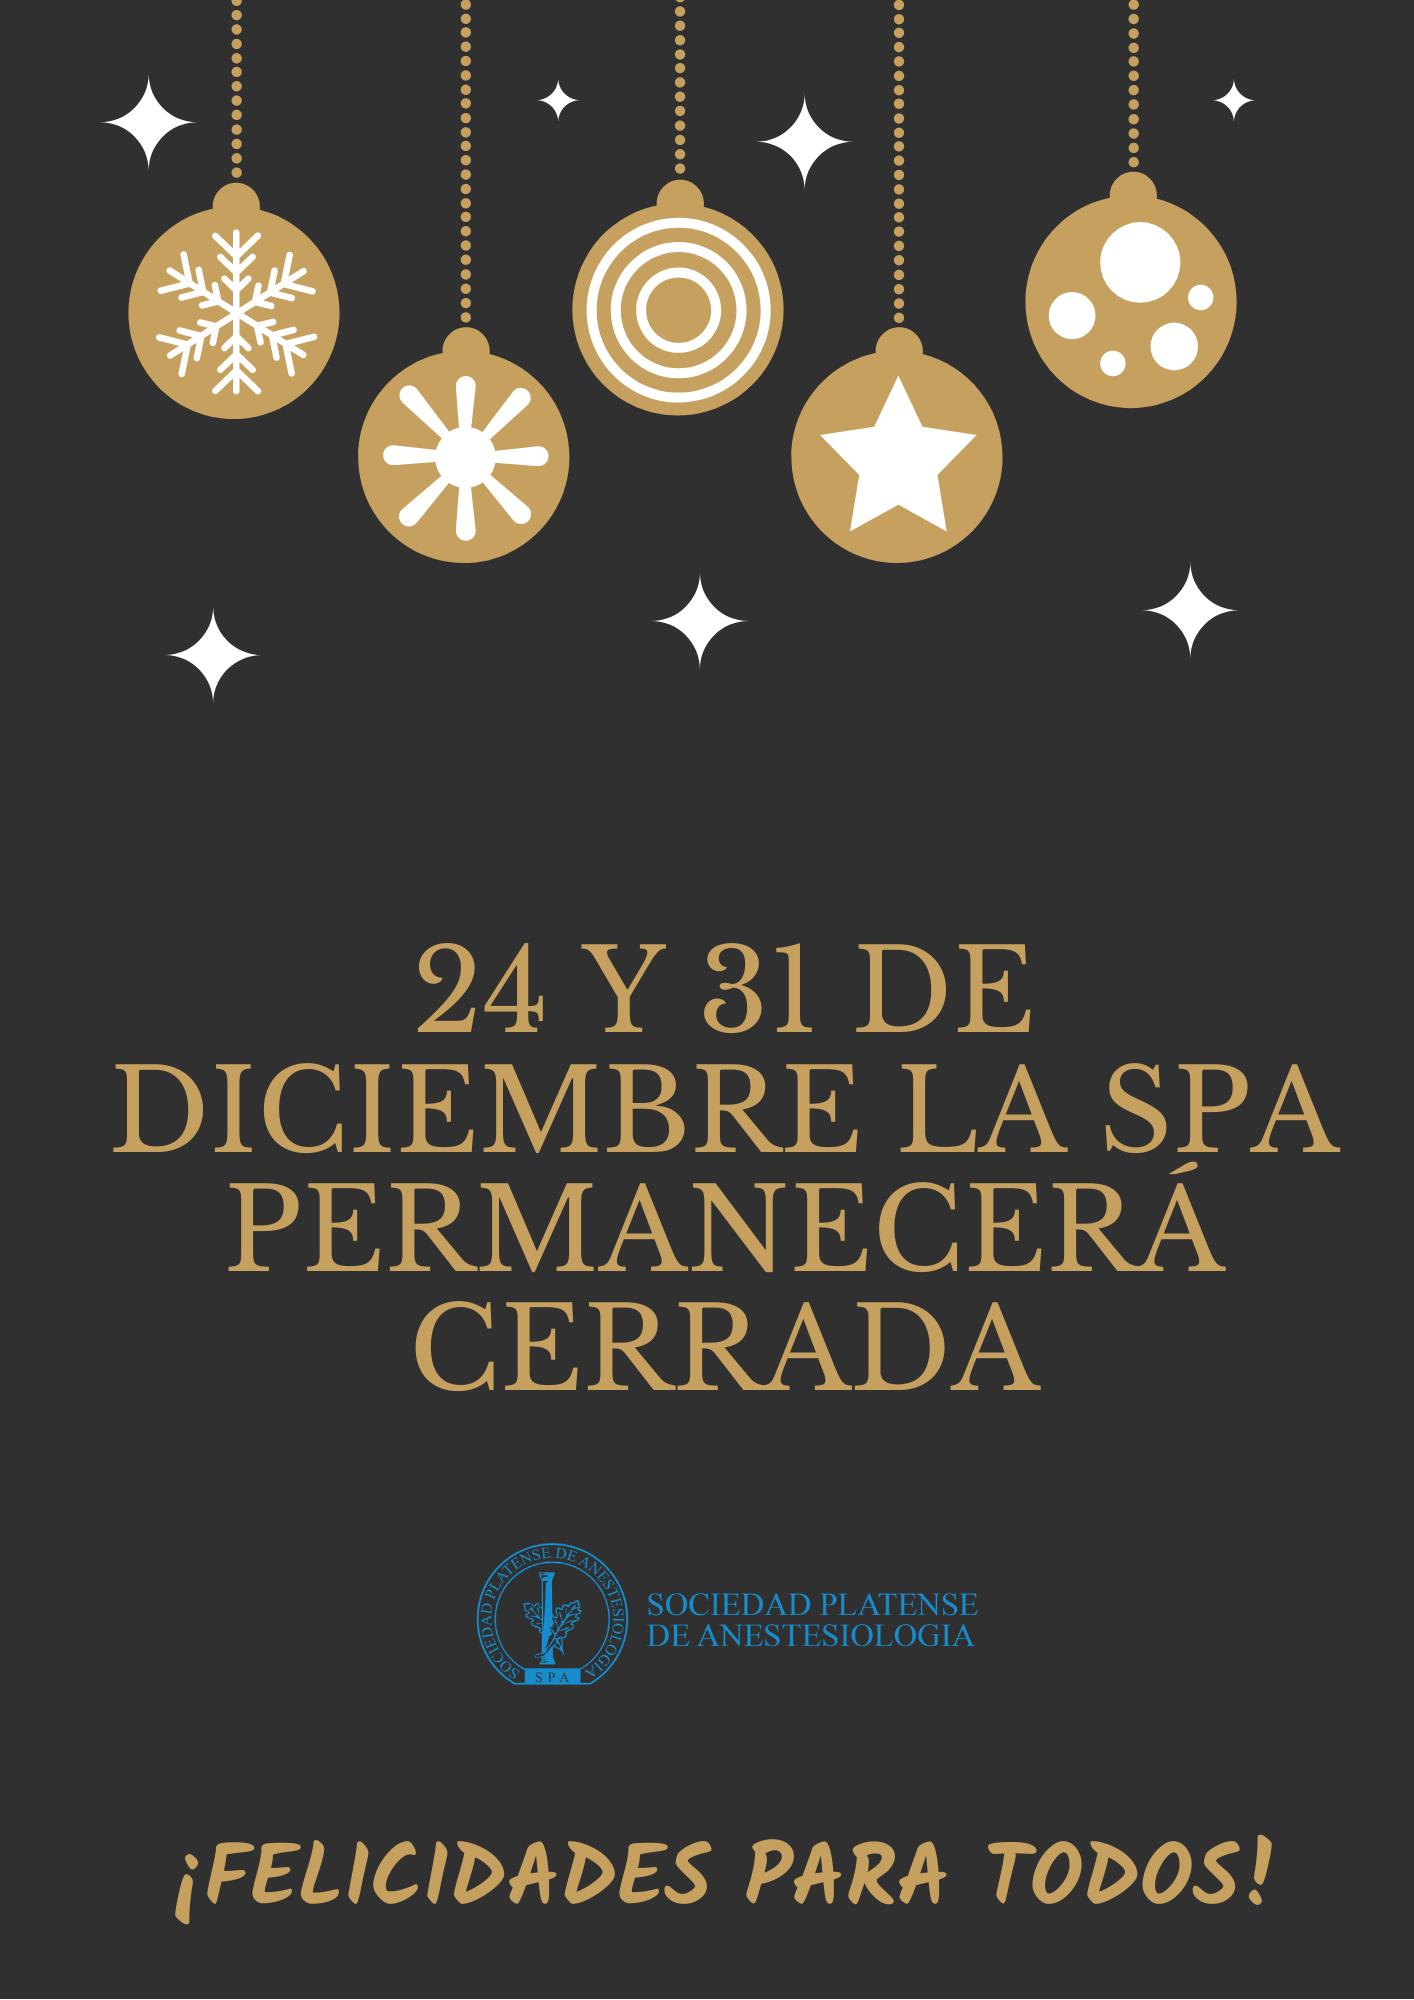 24 y 31 de Diciembre la SPA permanecerá cerrada